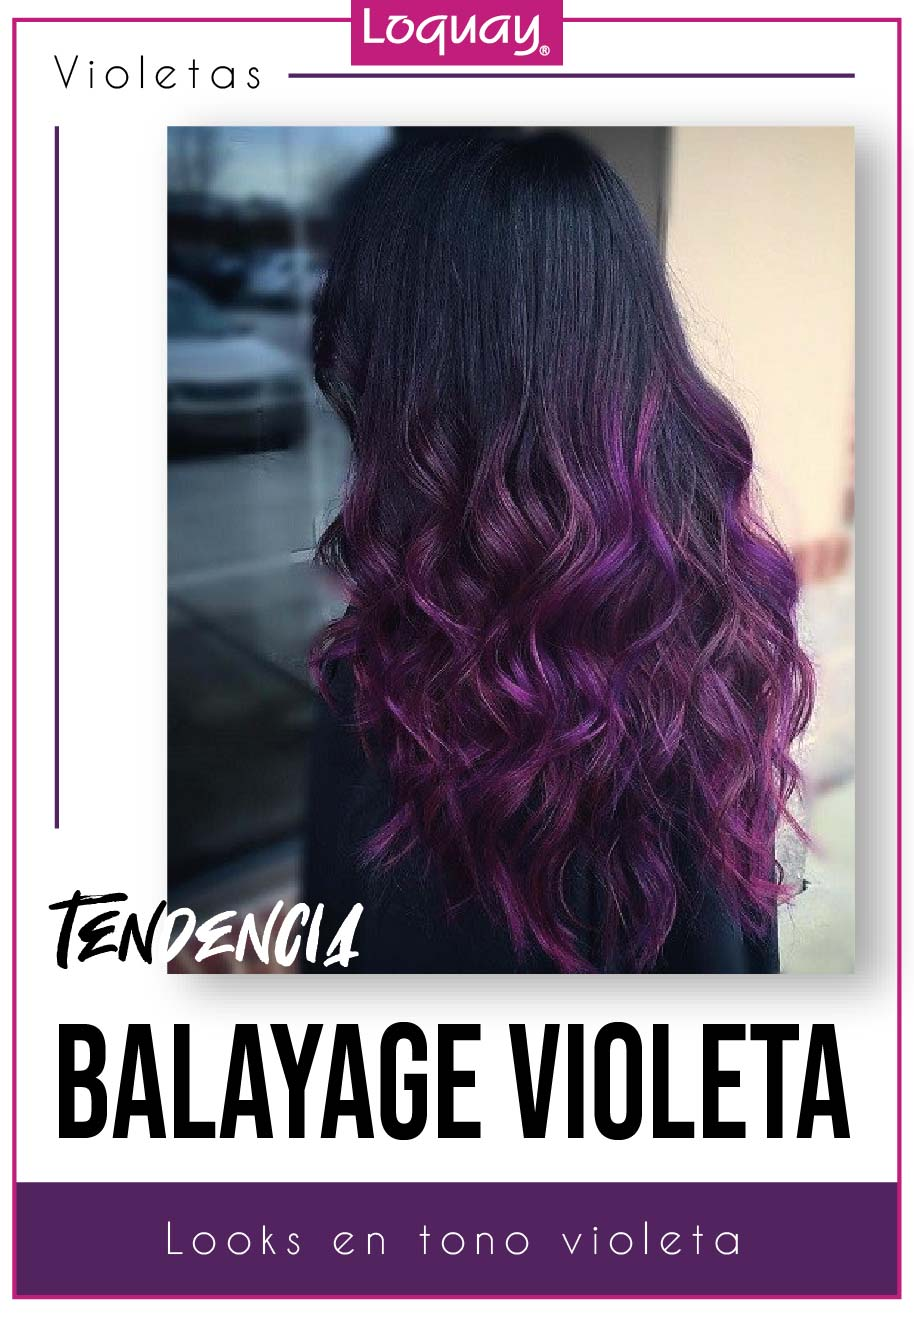 violeta-05